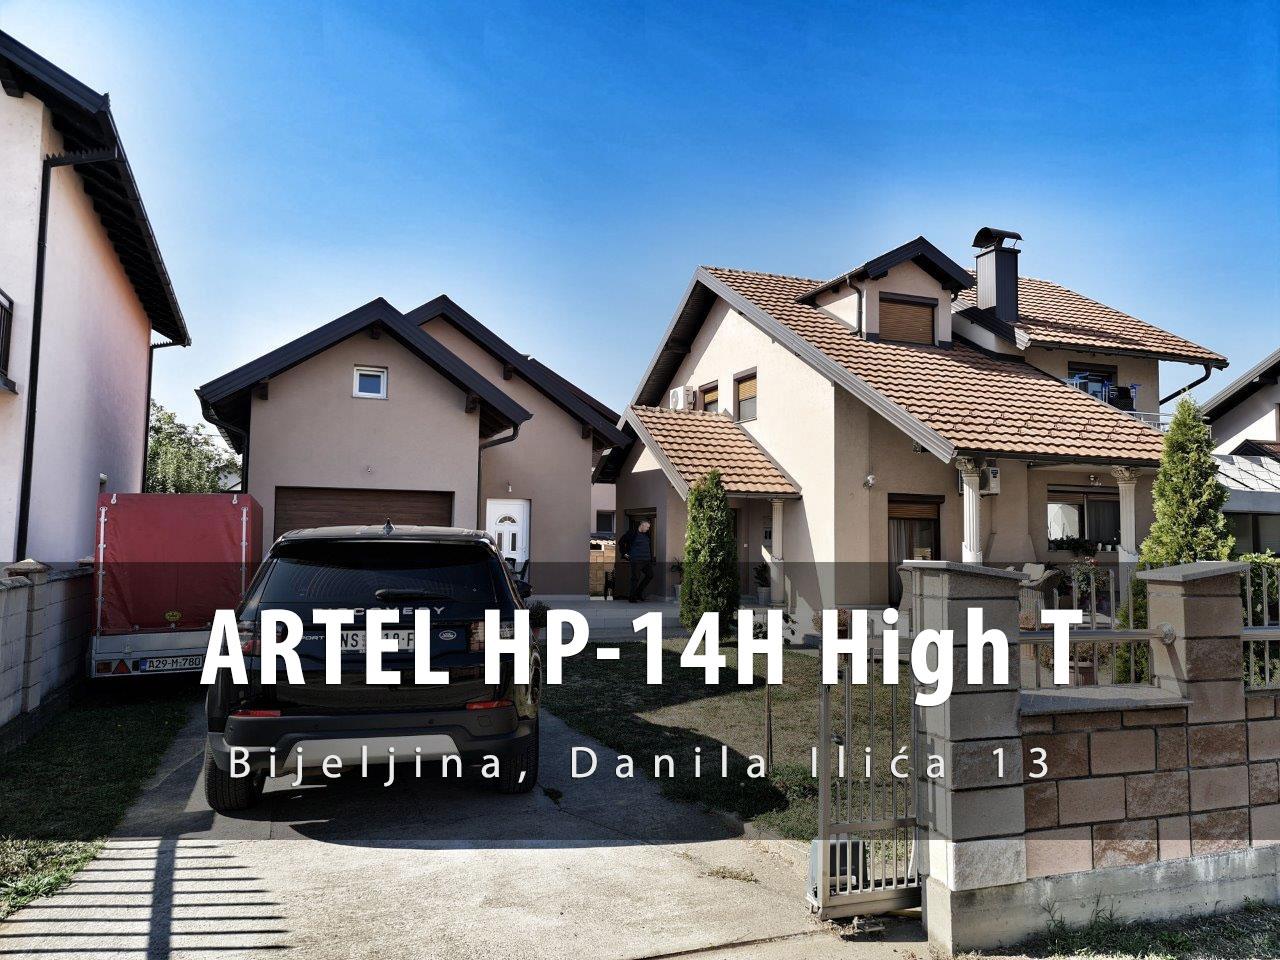 artel-bijeljina-14hight